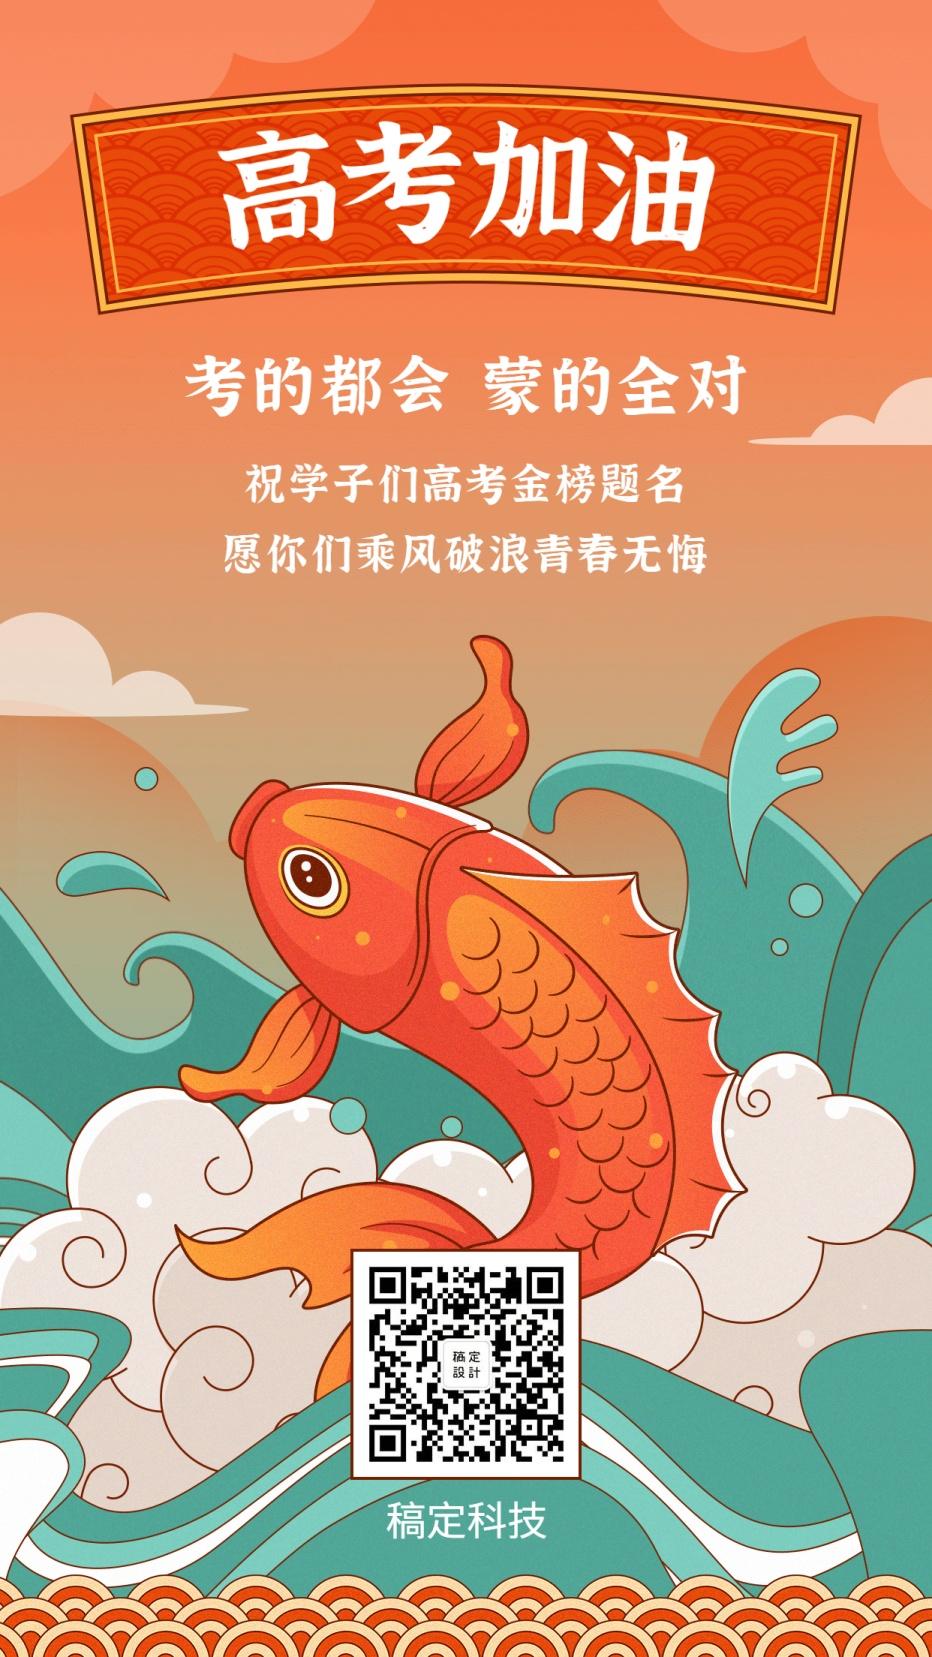 高考加油金榜题名锦鲤手机海报